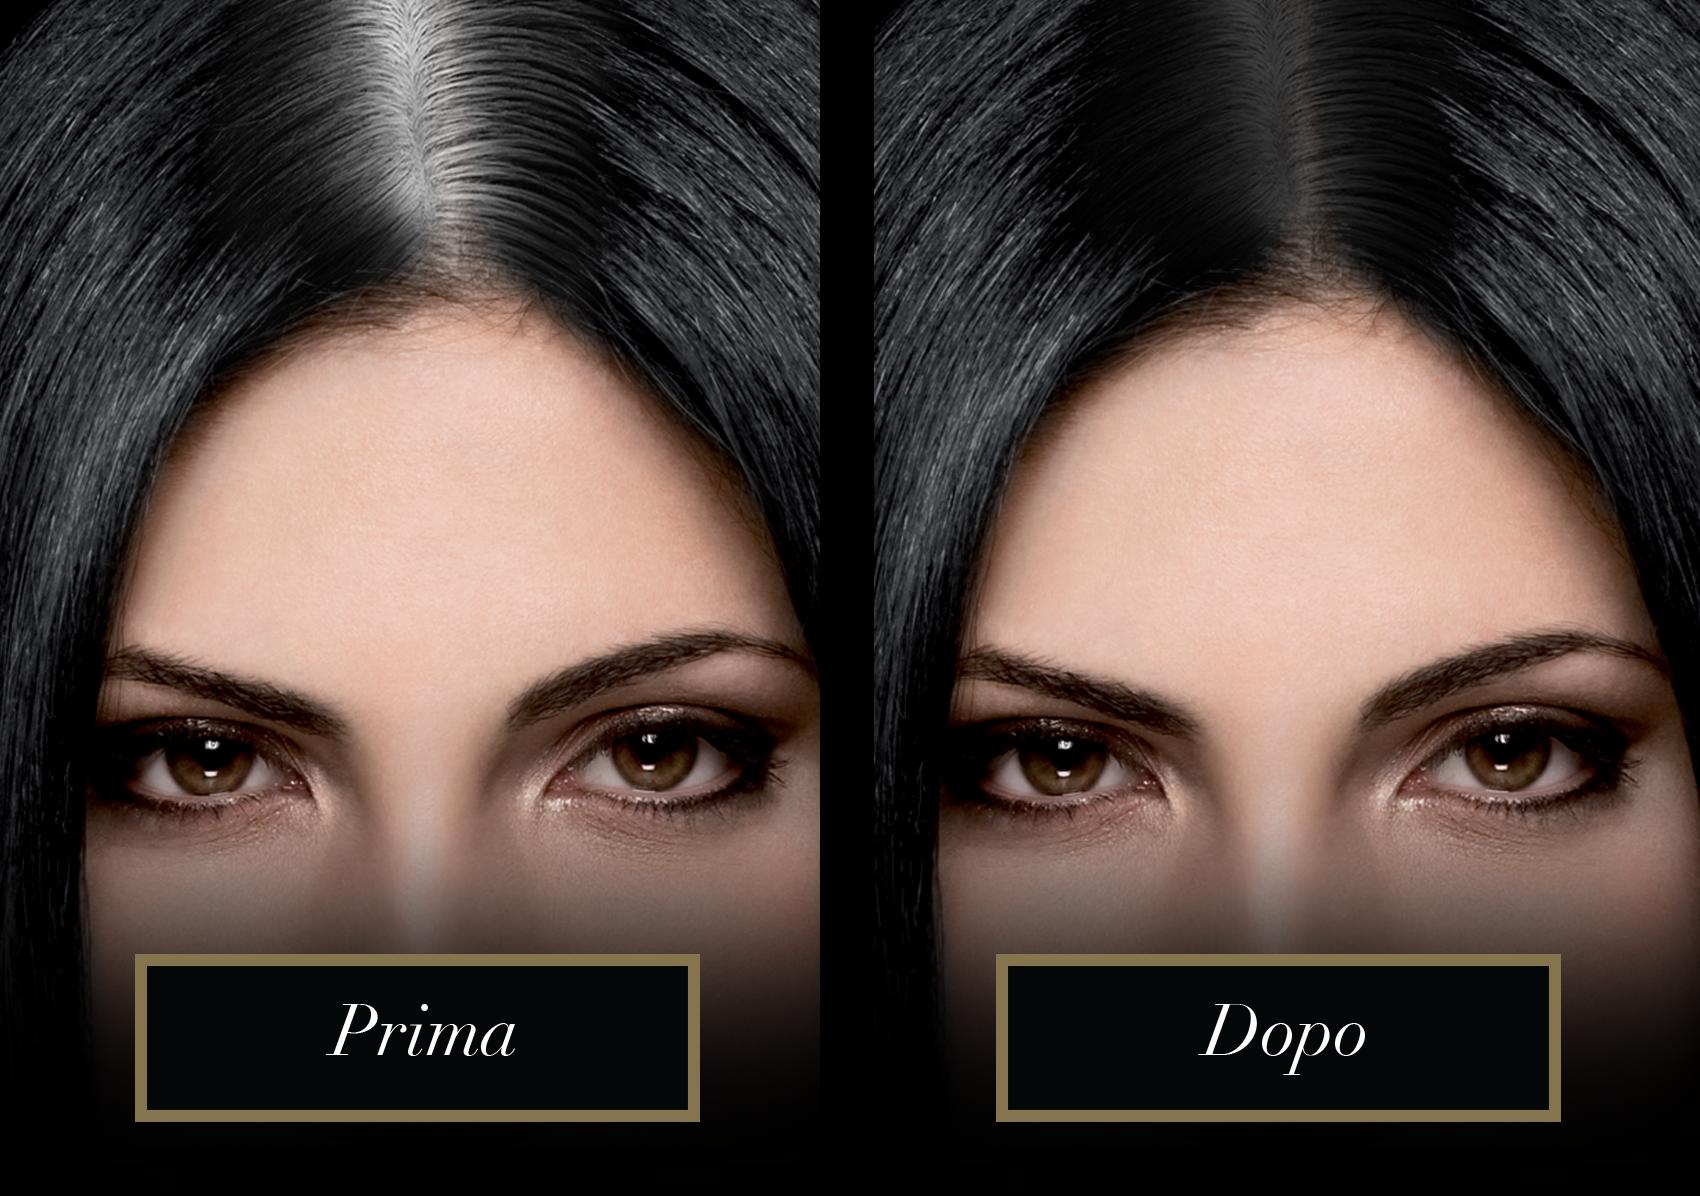 MASCARA TONO SU TONO LIALYSSE. Il nuovo mascara per capelli ... d22b34c596e8